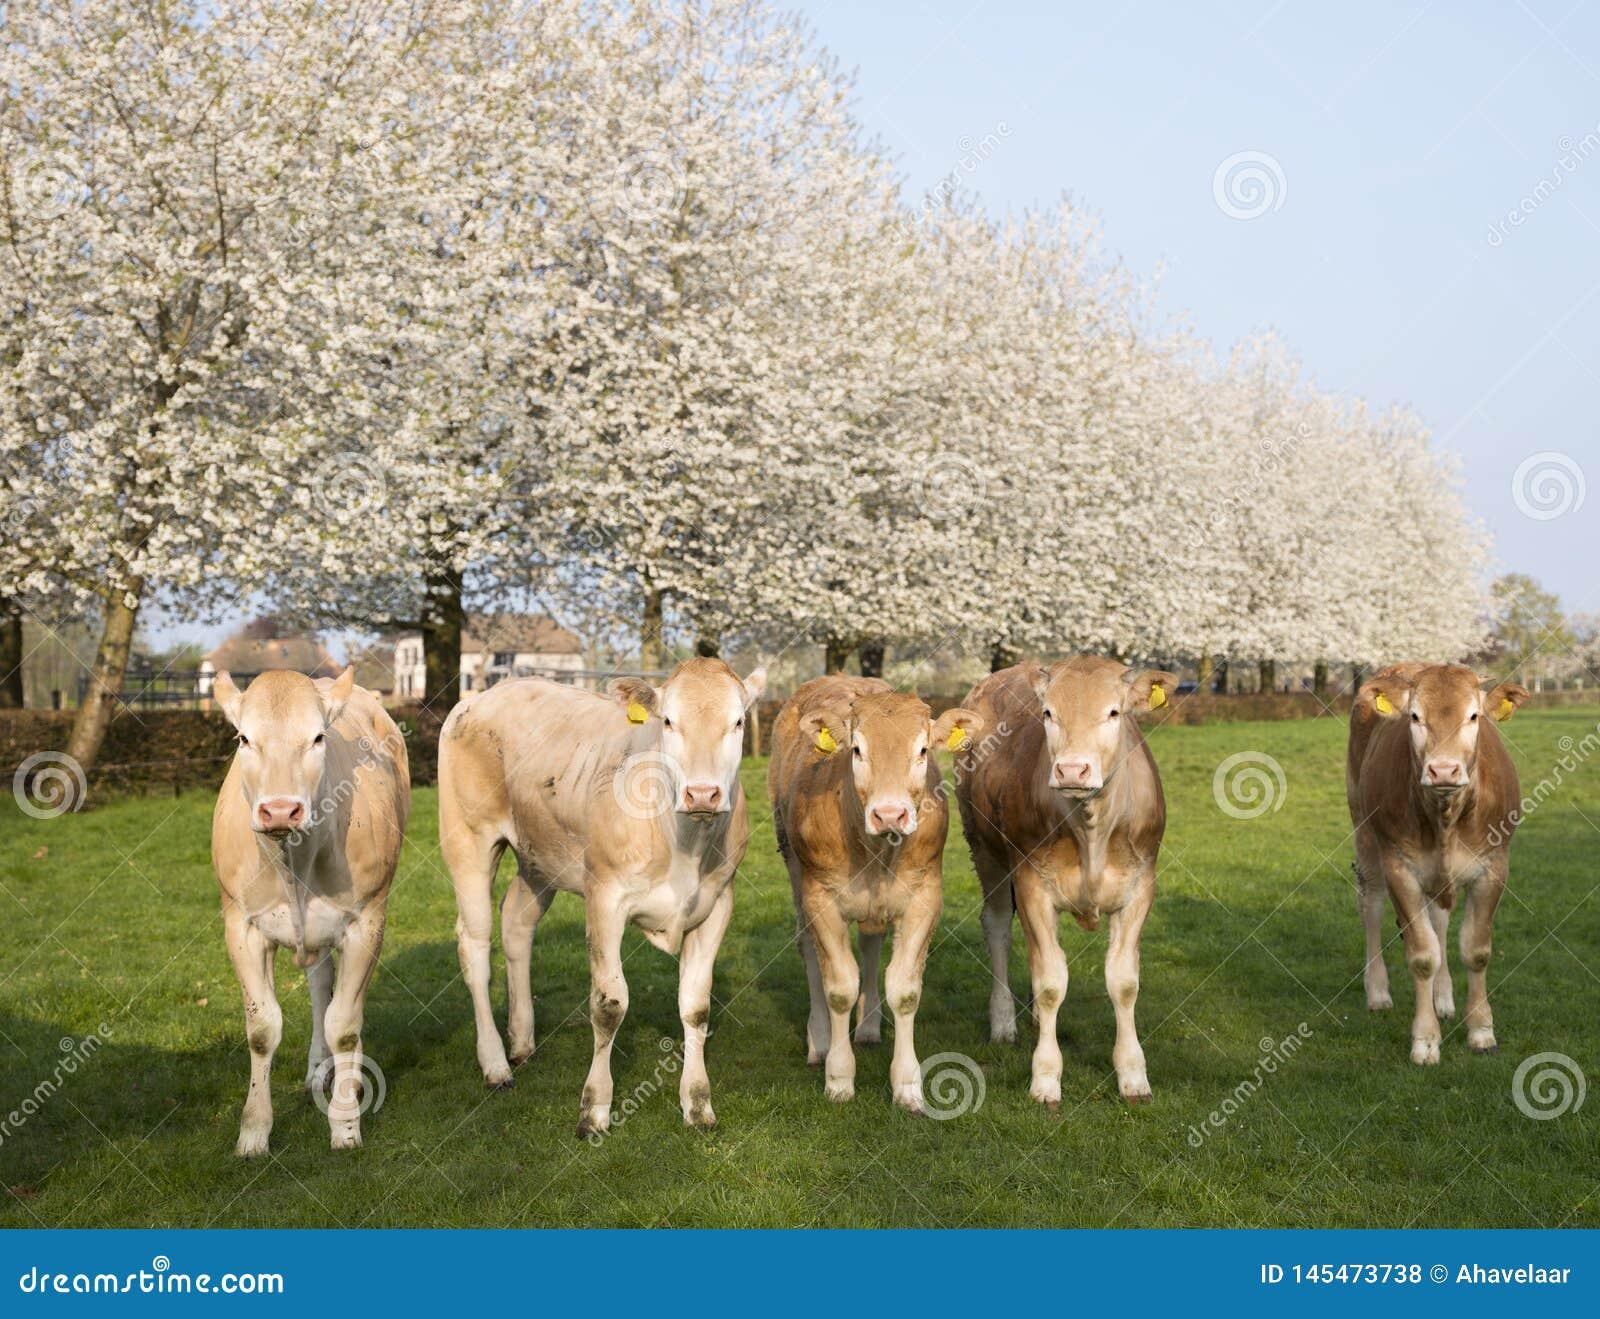 Becerros de d rubia ?Aquitania en prado verde con los ?rboles florecientes blancos de la primavera